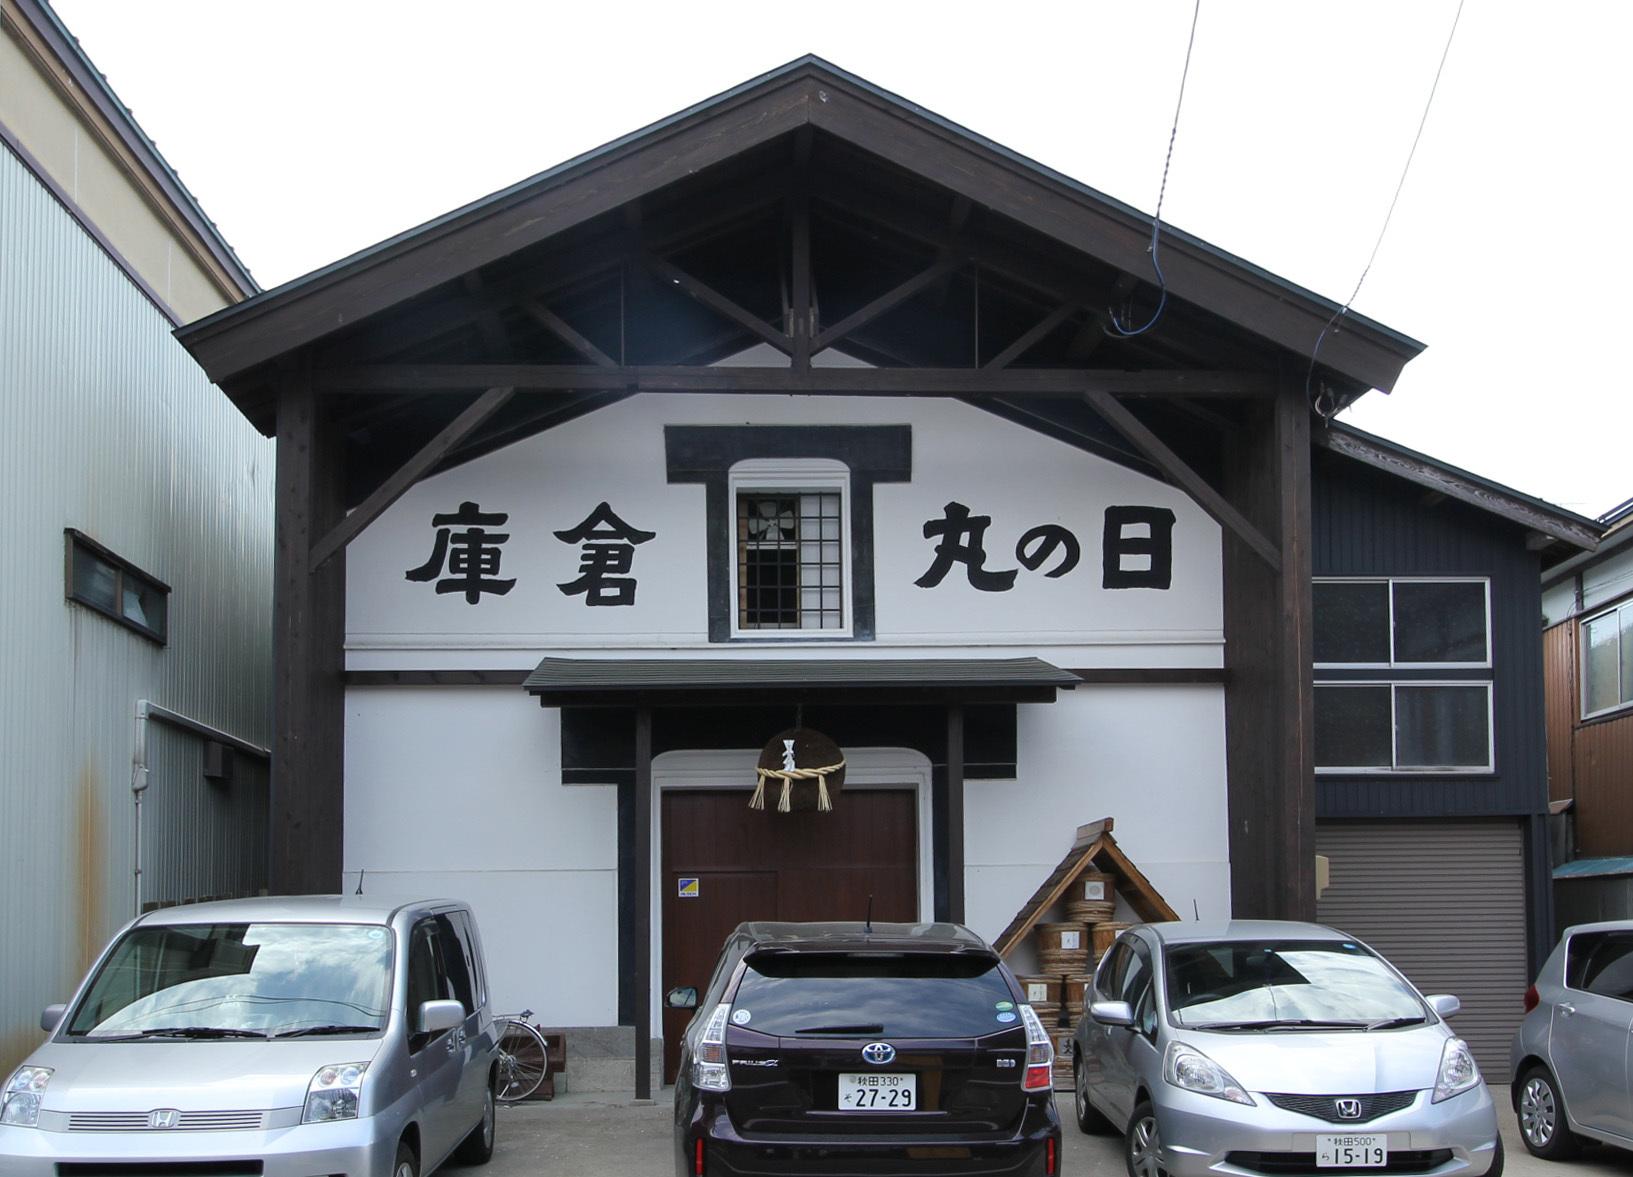 増田町の蔵 2_e0054299_18021404.jpg